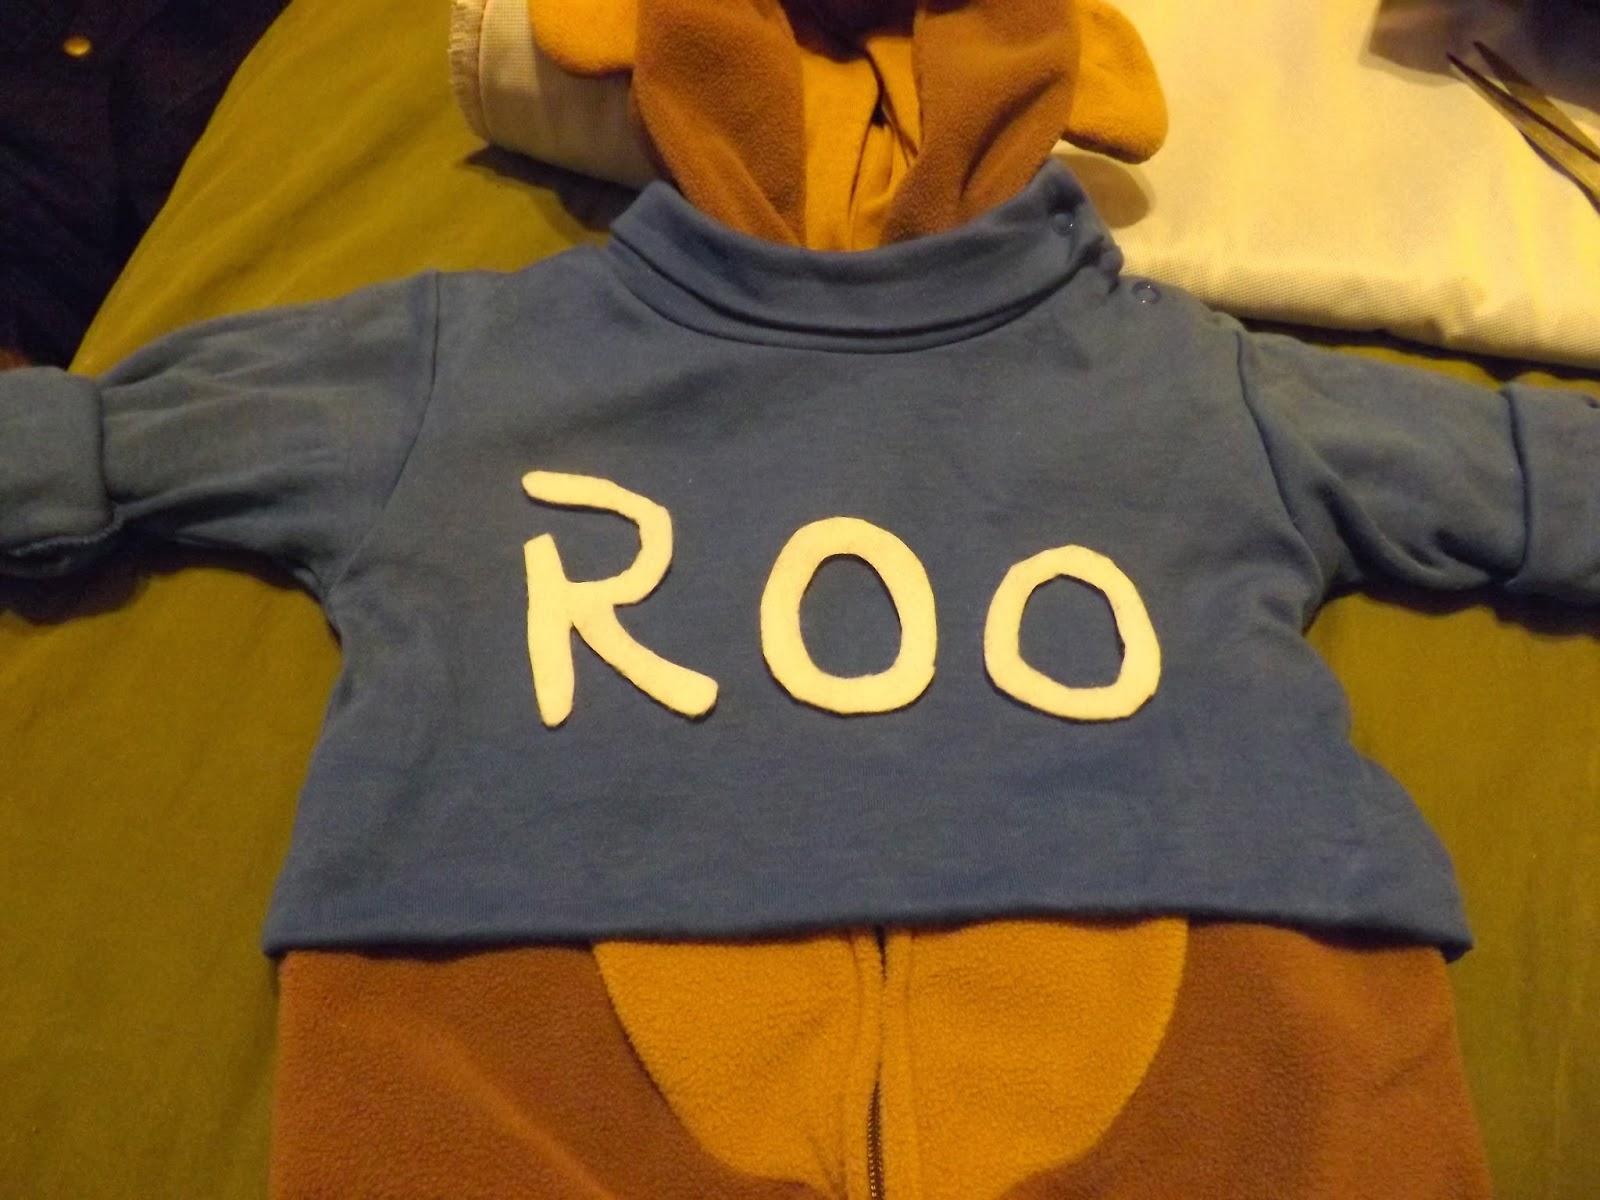 Halloween T Shirt Ideas Diy.Homemade Halloween T Shirts Dreamworks